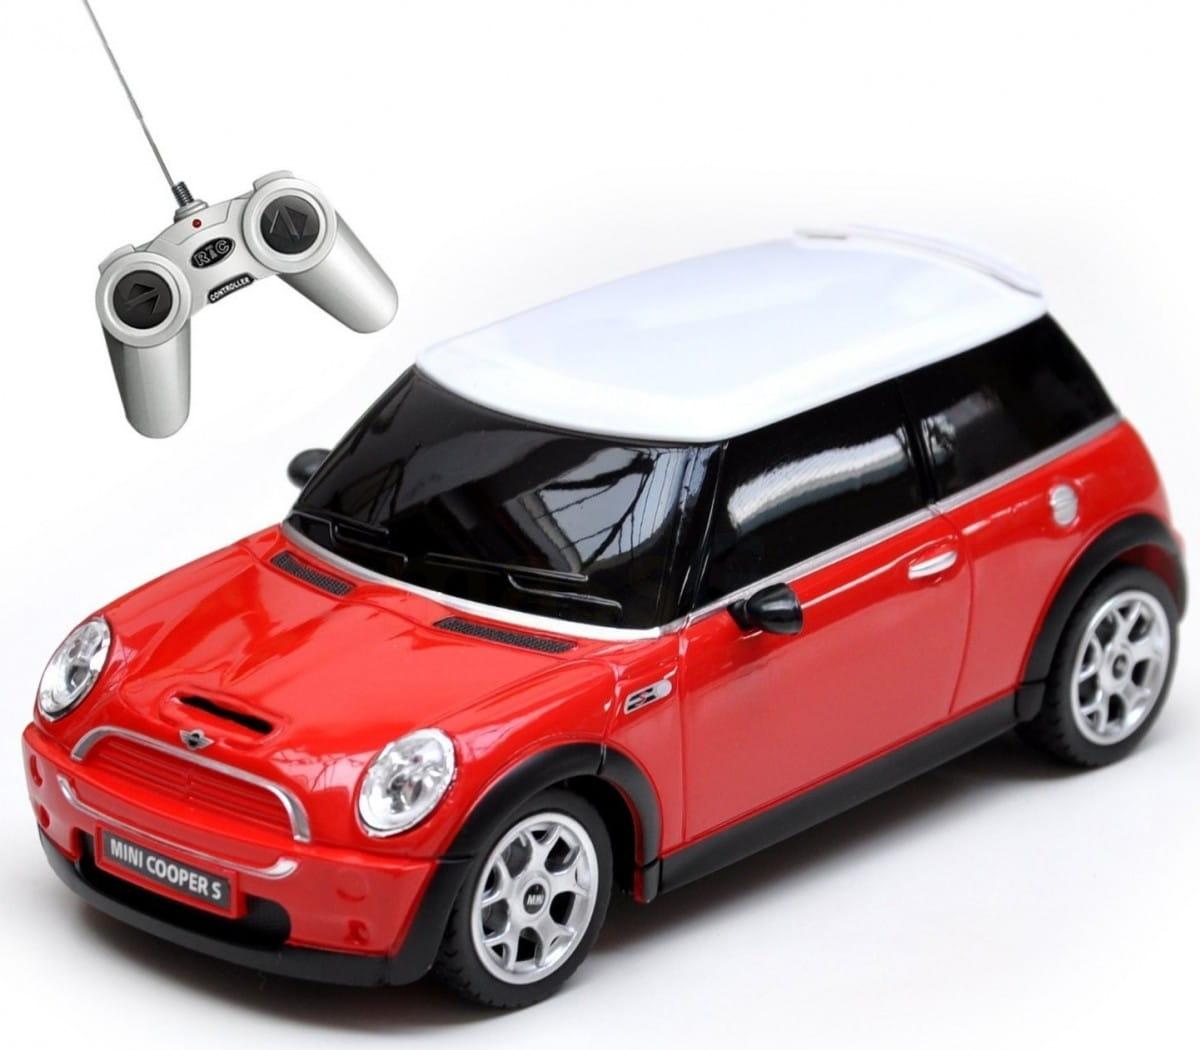 Радиоуправляемая машина RASTAR Minicooper S 1:18